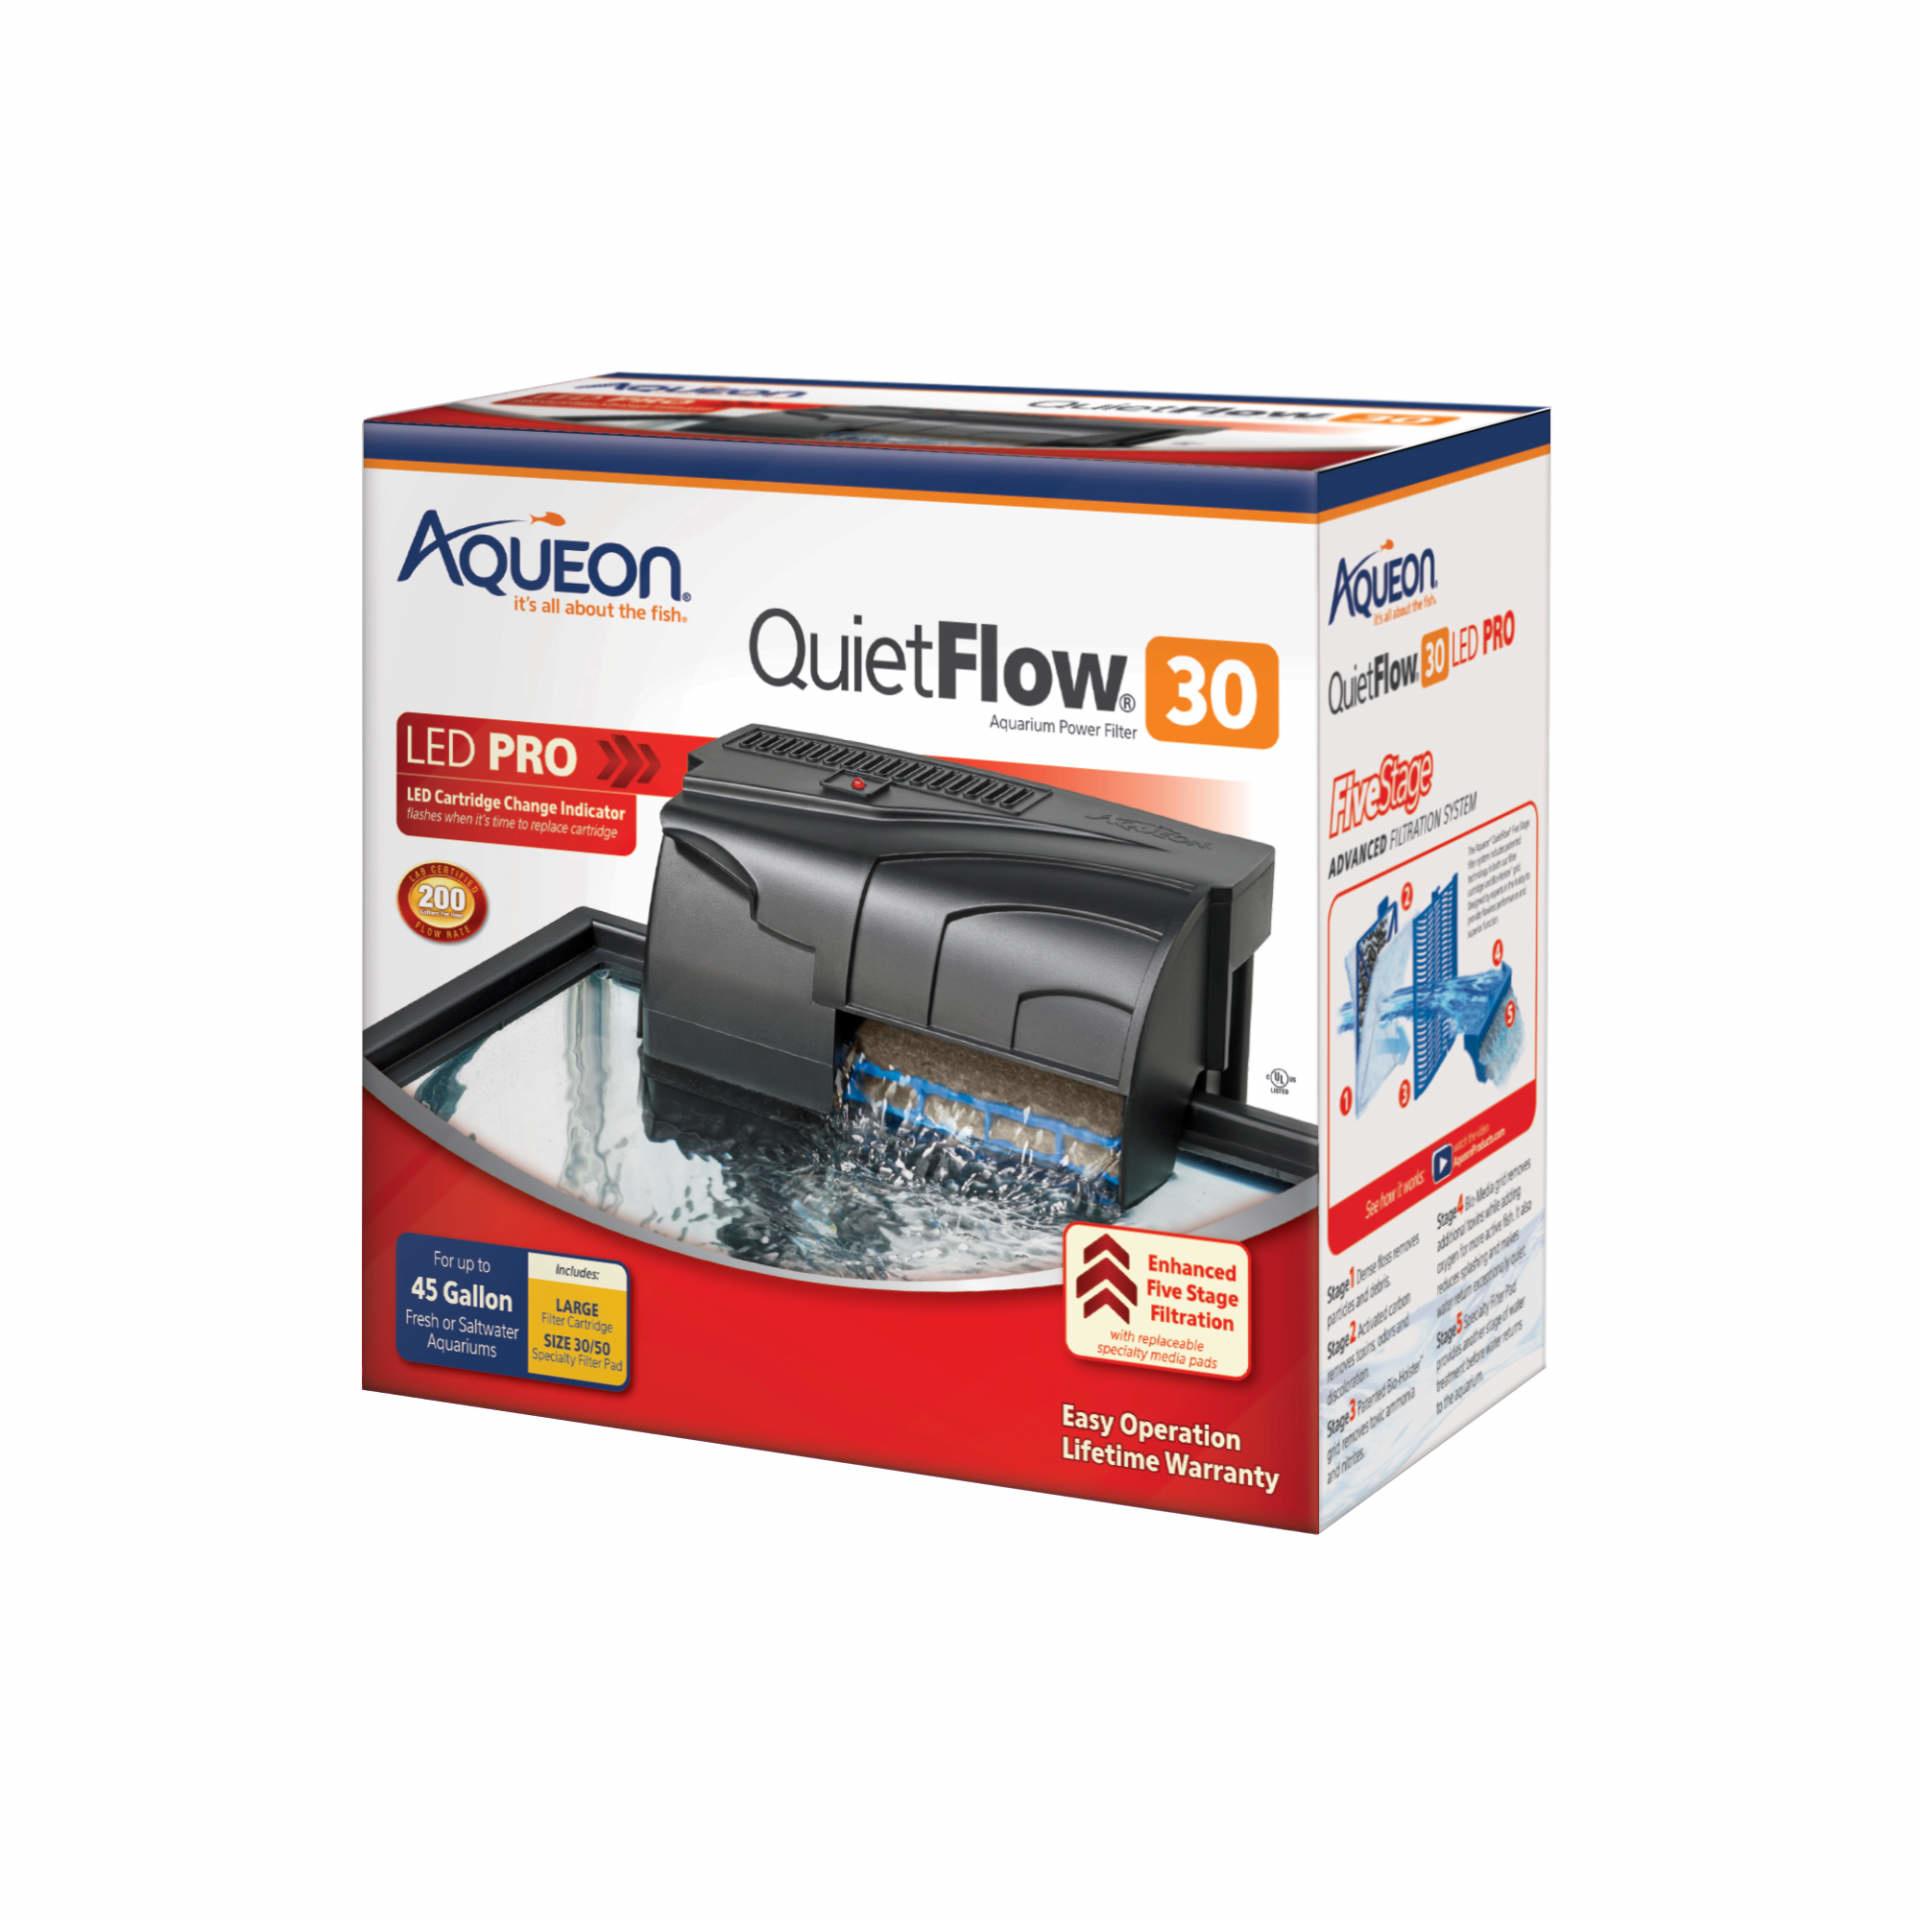 Aqueon Aqueon QuietFlow 30 Power Filter 45gal